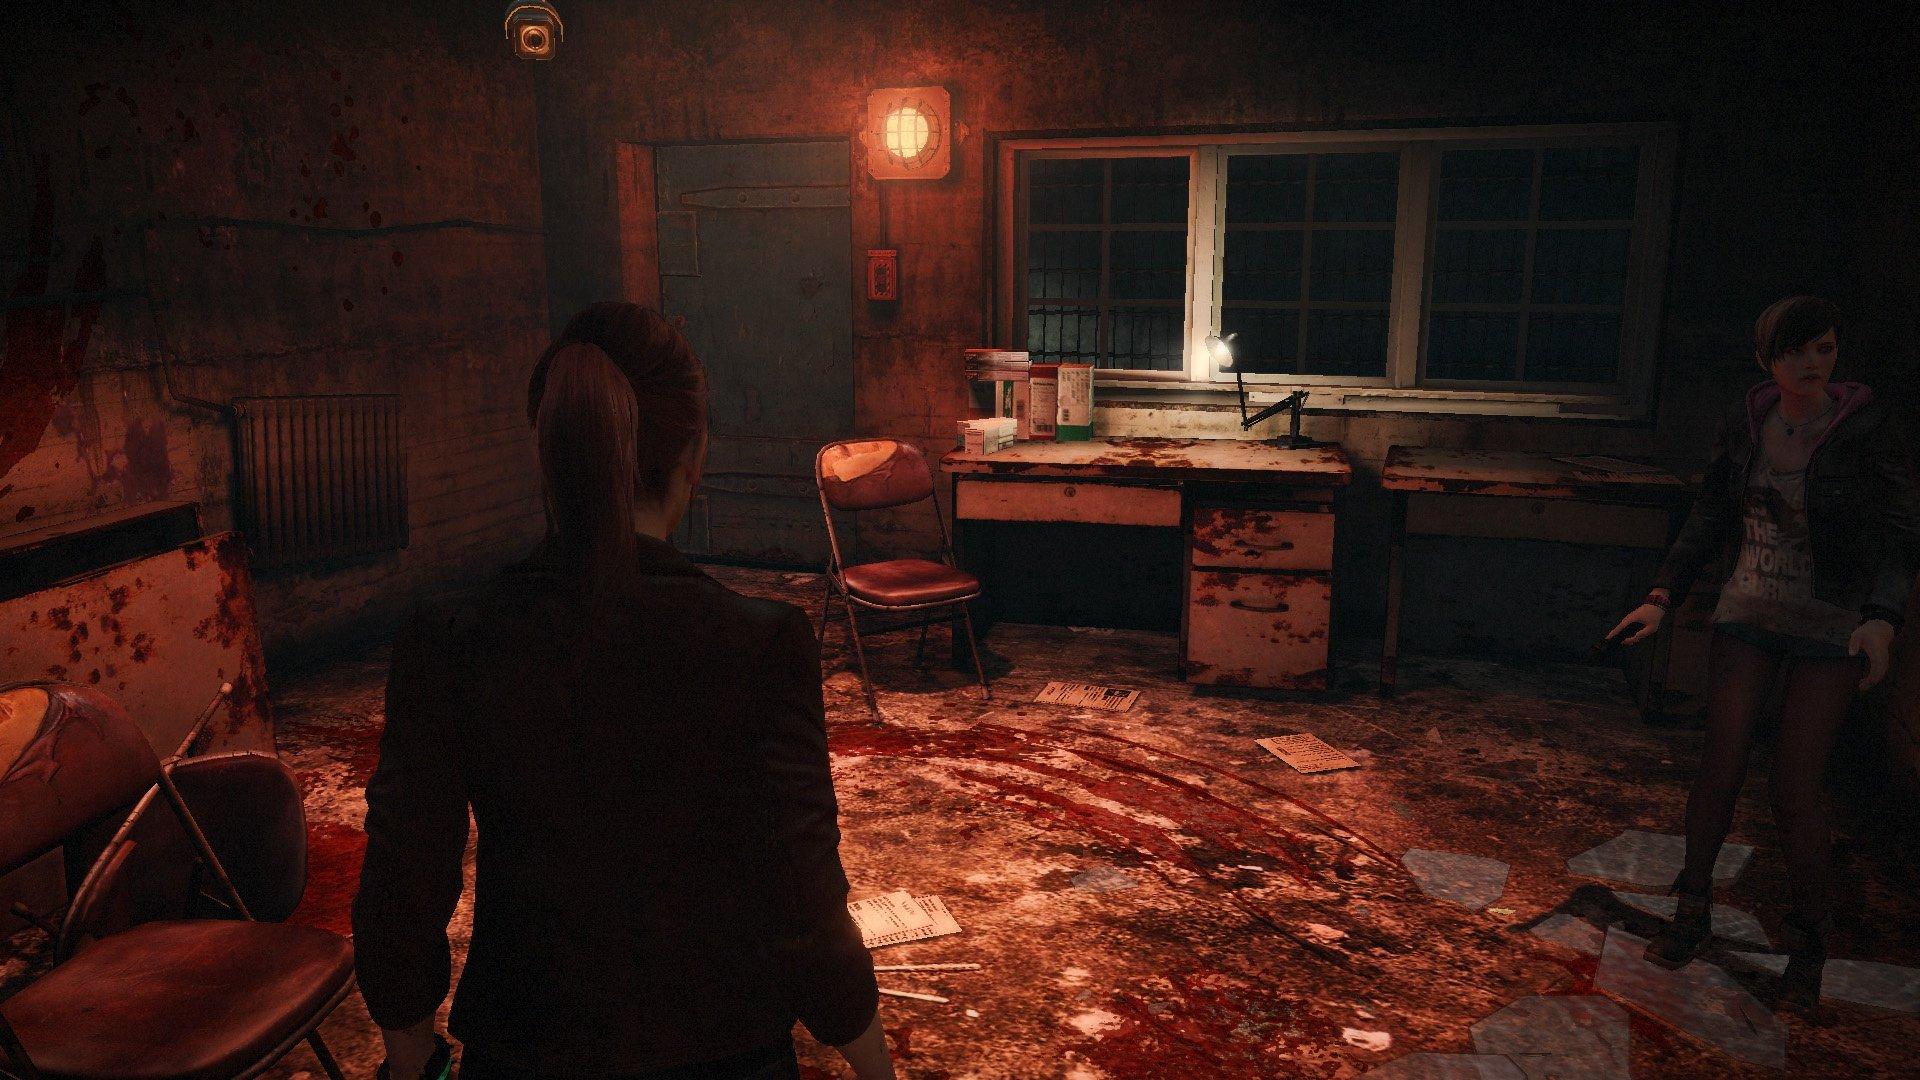 Превью-галерея: Resident Evil Revelations 2. Откровение?. - Изображение 3